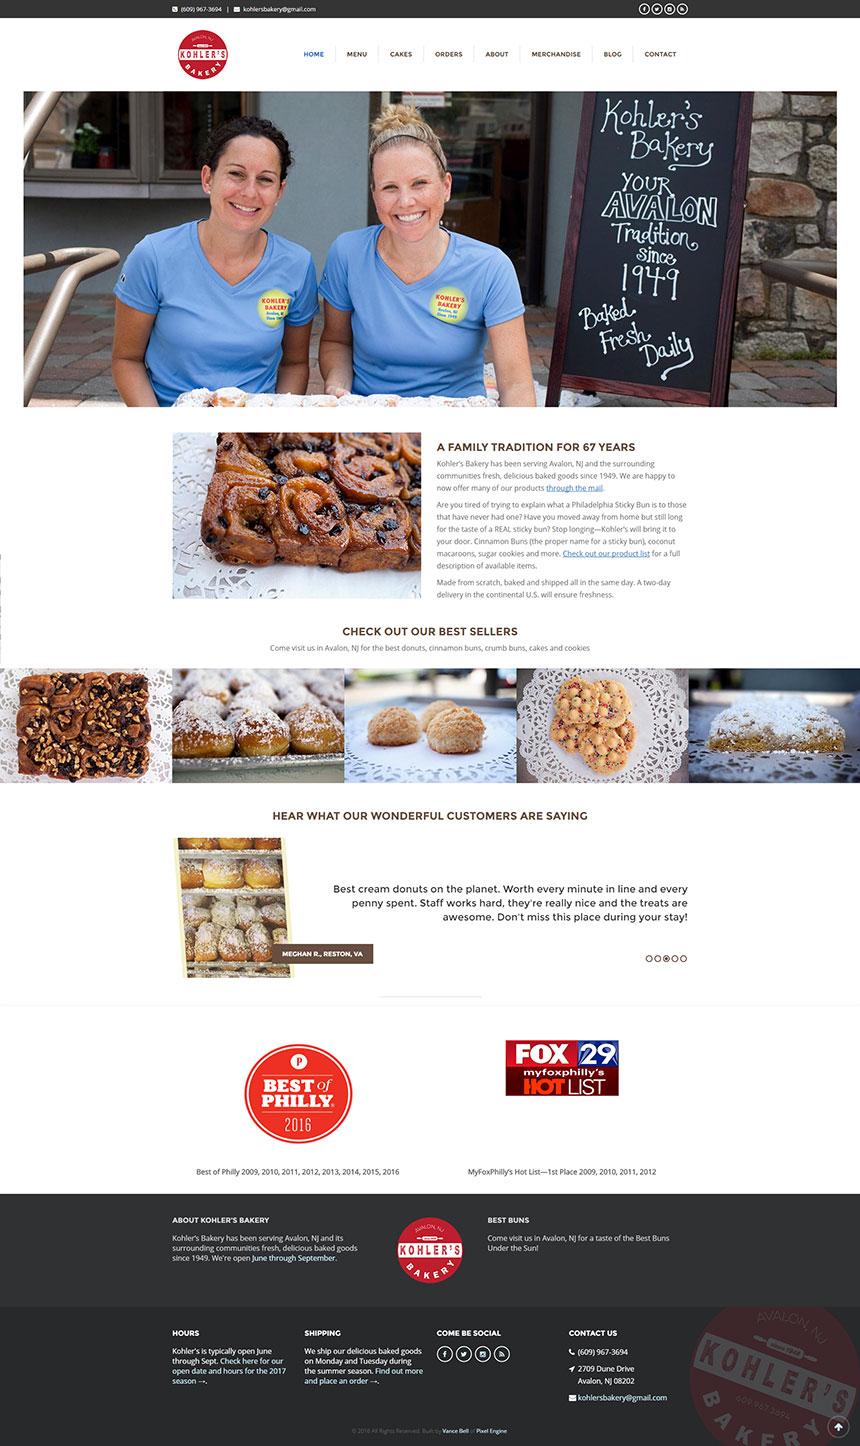 Kohler's Bakery Website Design - Colleen and Katie